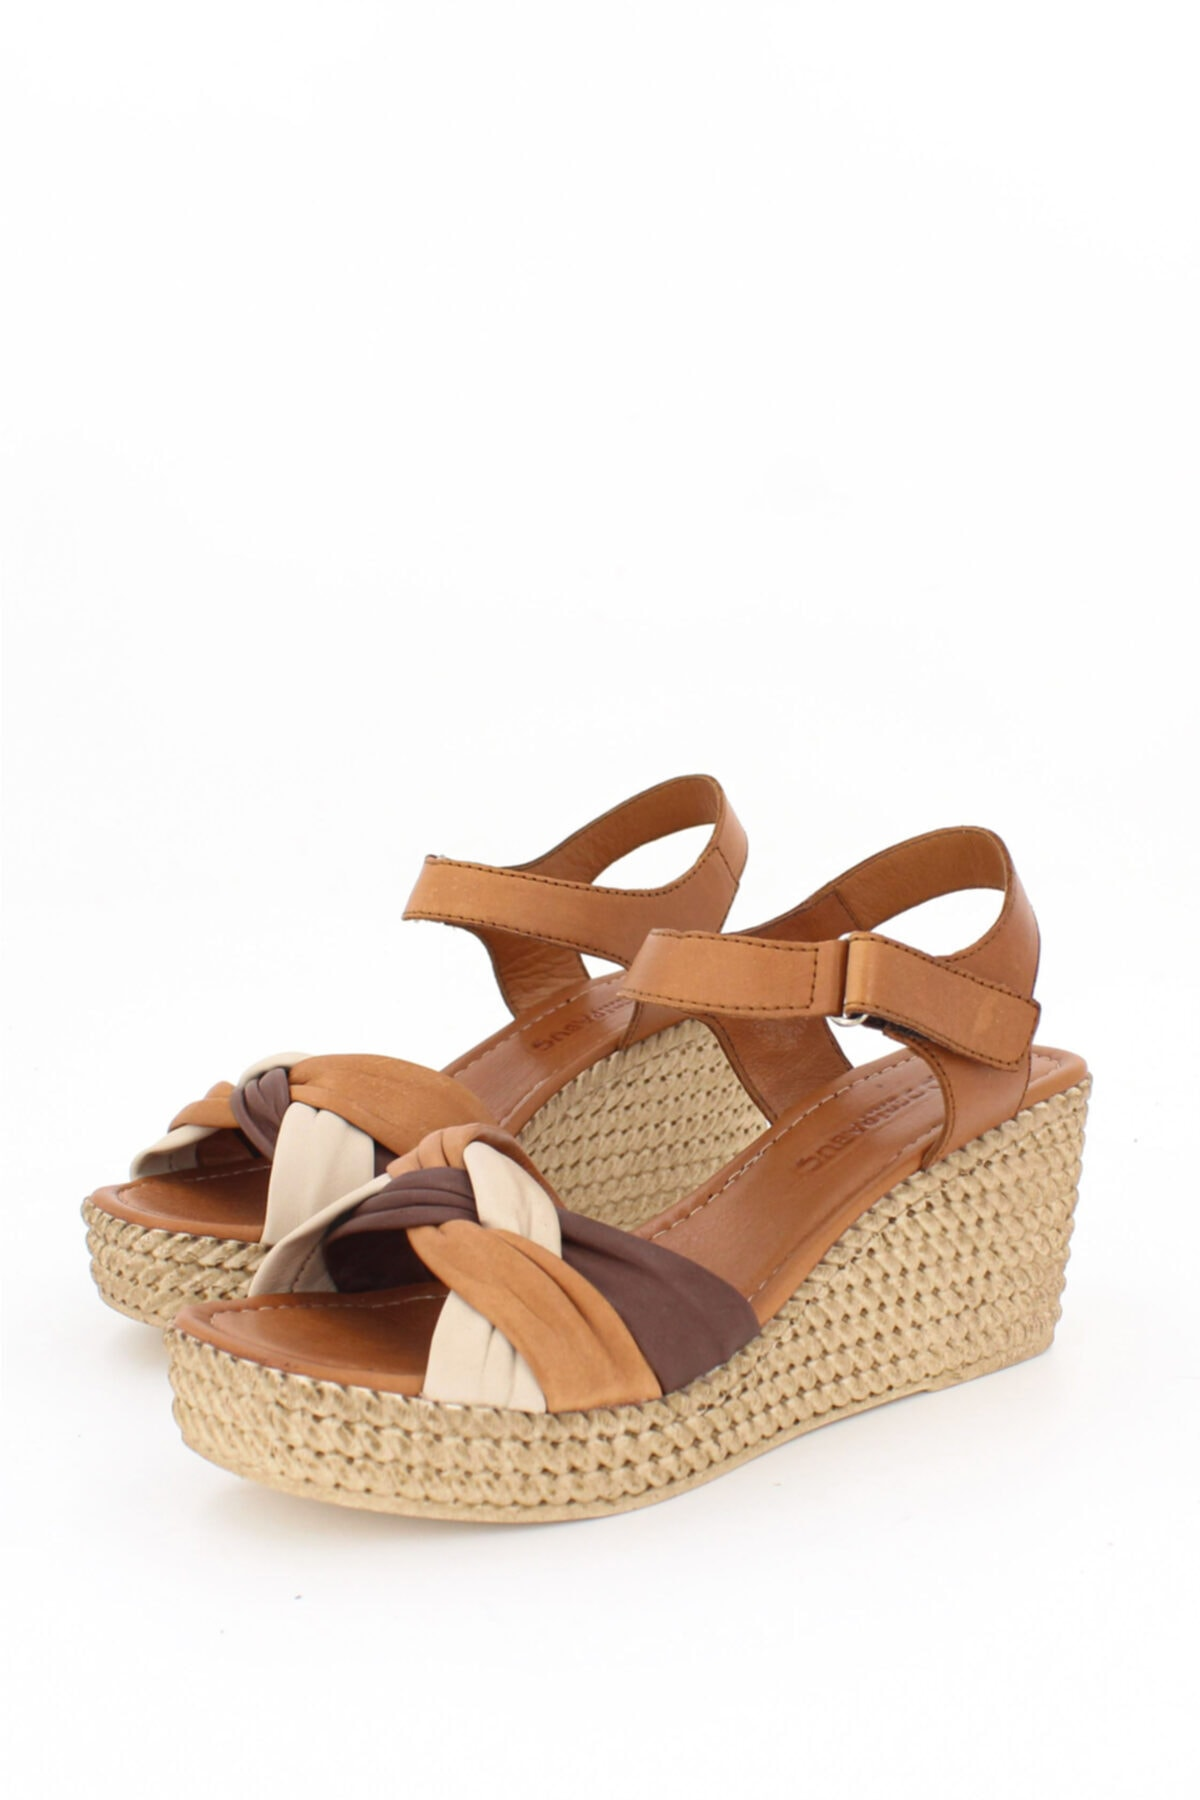 Deripabuc Hakiki Deri Taba Kadın Dolgu Topuklu Deri Sandalet Dp55-2637 1